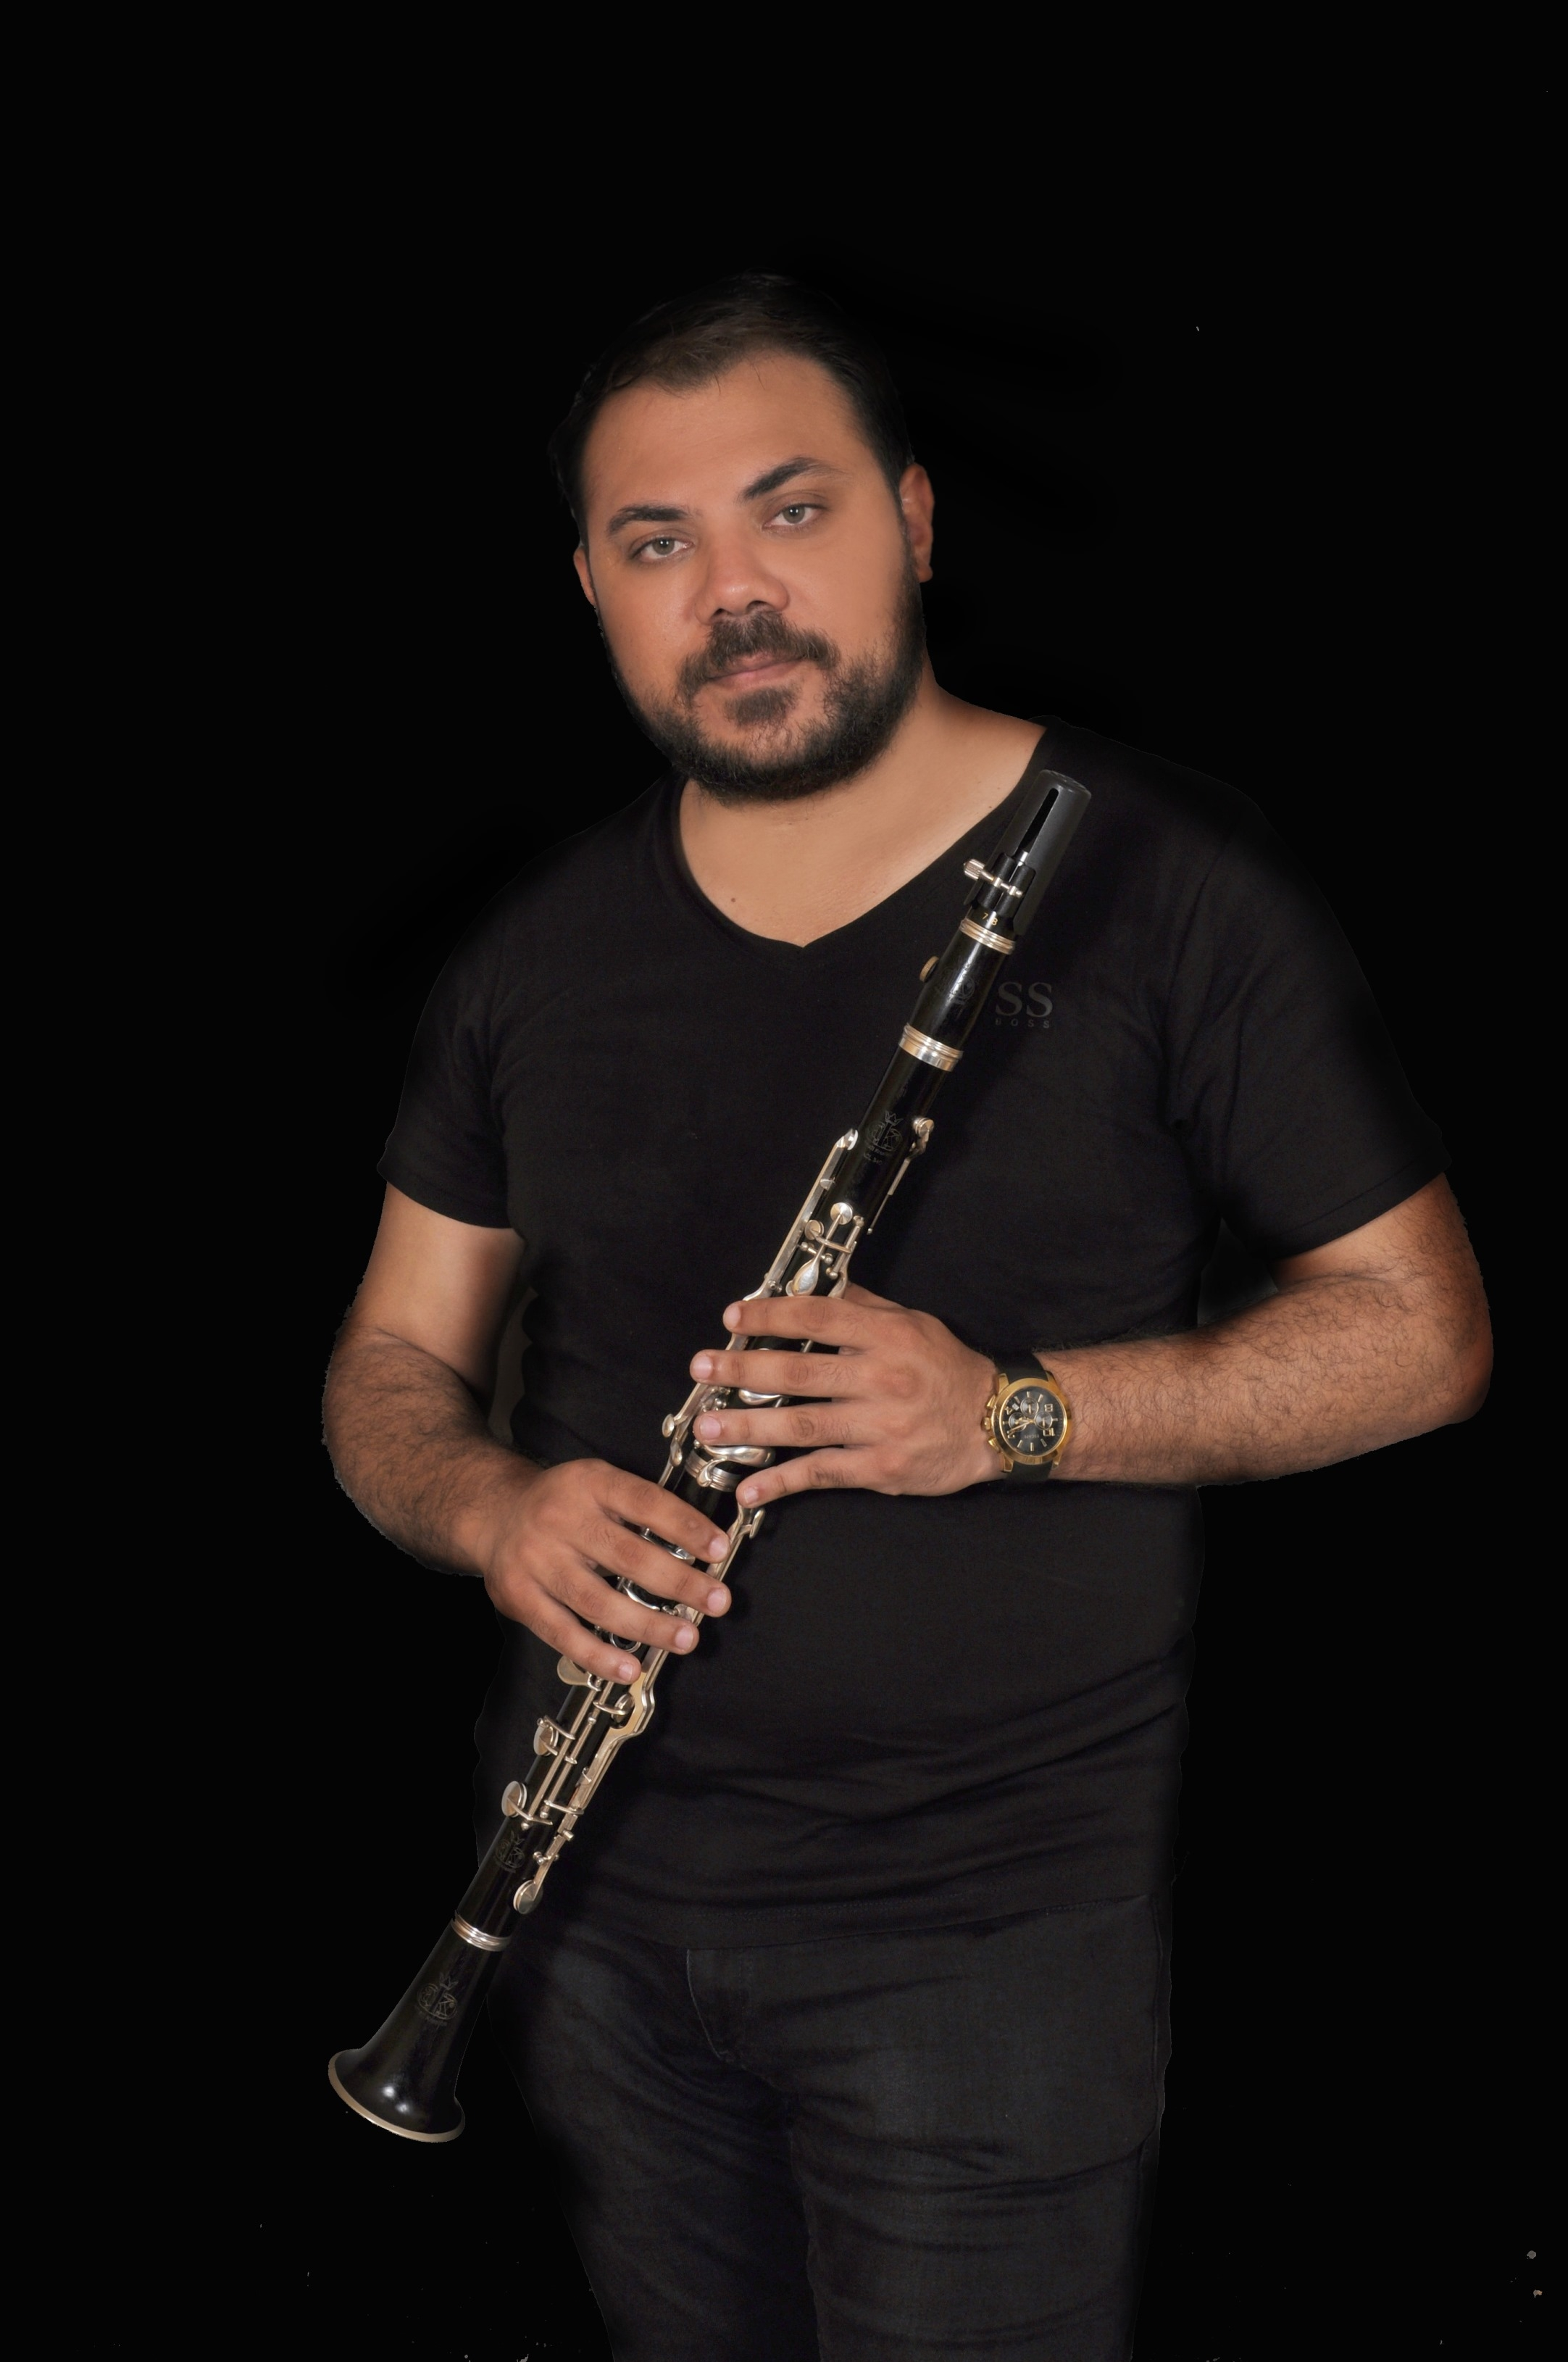 ישי פלדמן - אומן הקלרינט ראמאזאן ססלר מטורקיה